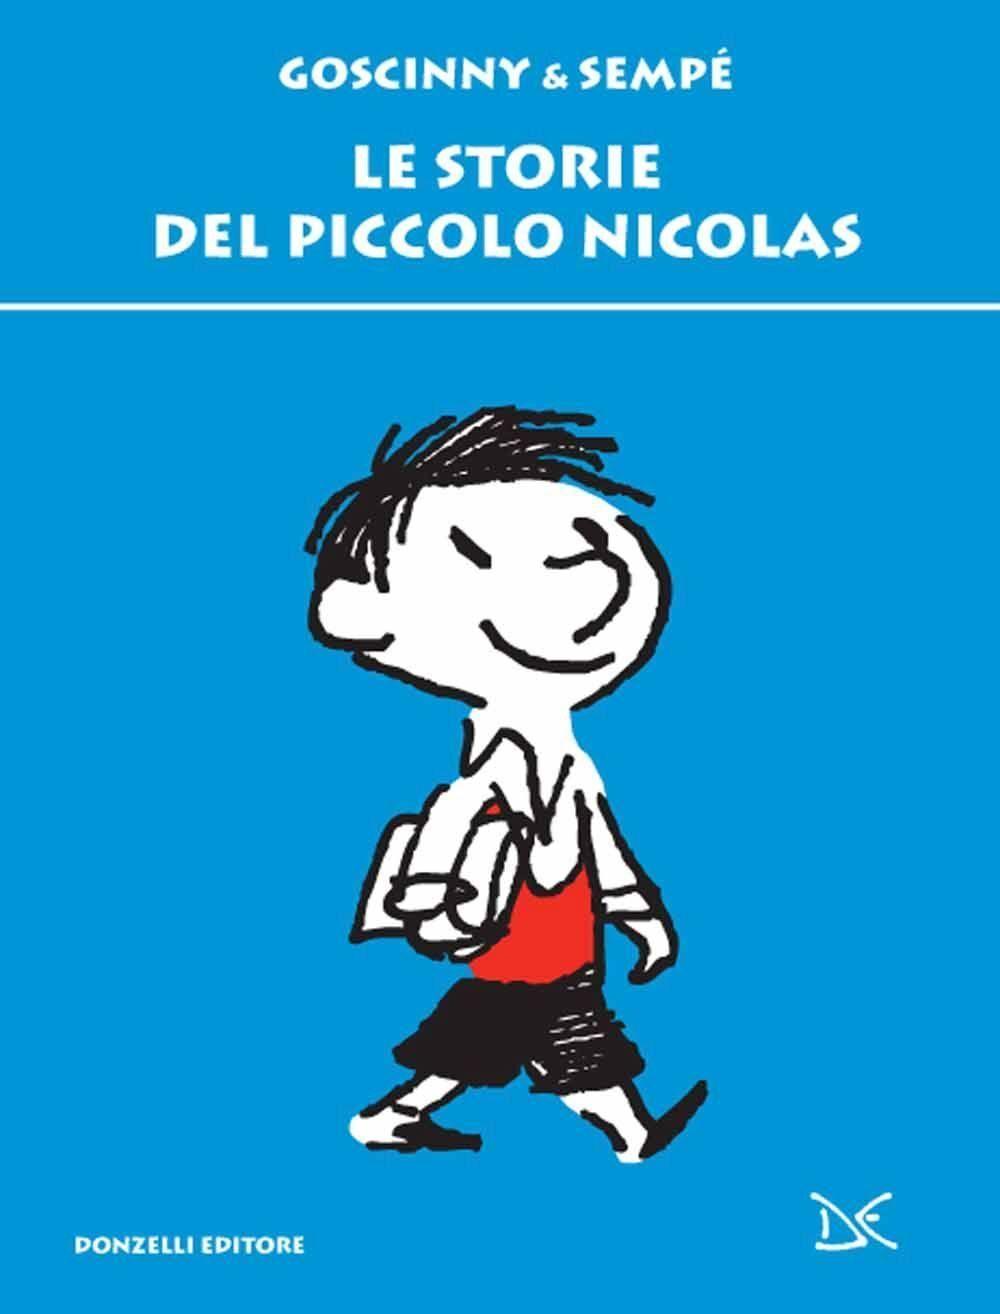 Le storie del piccolo Nicolas